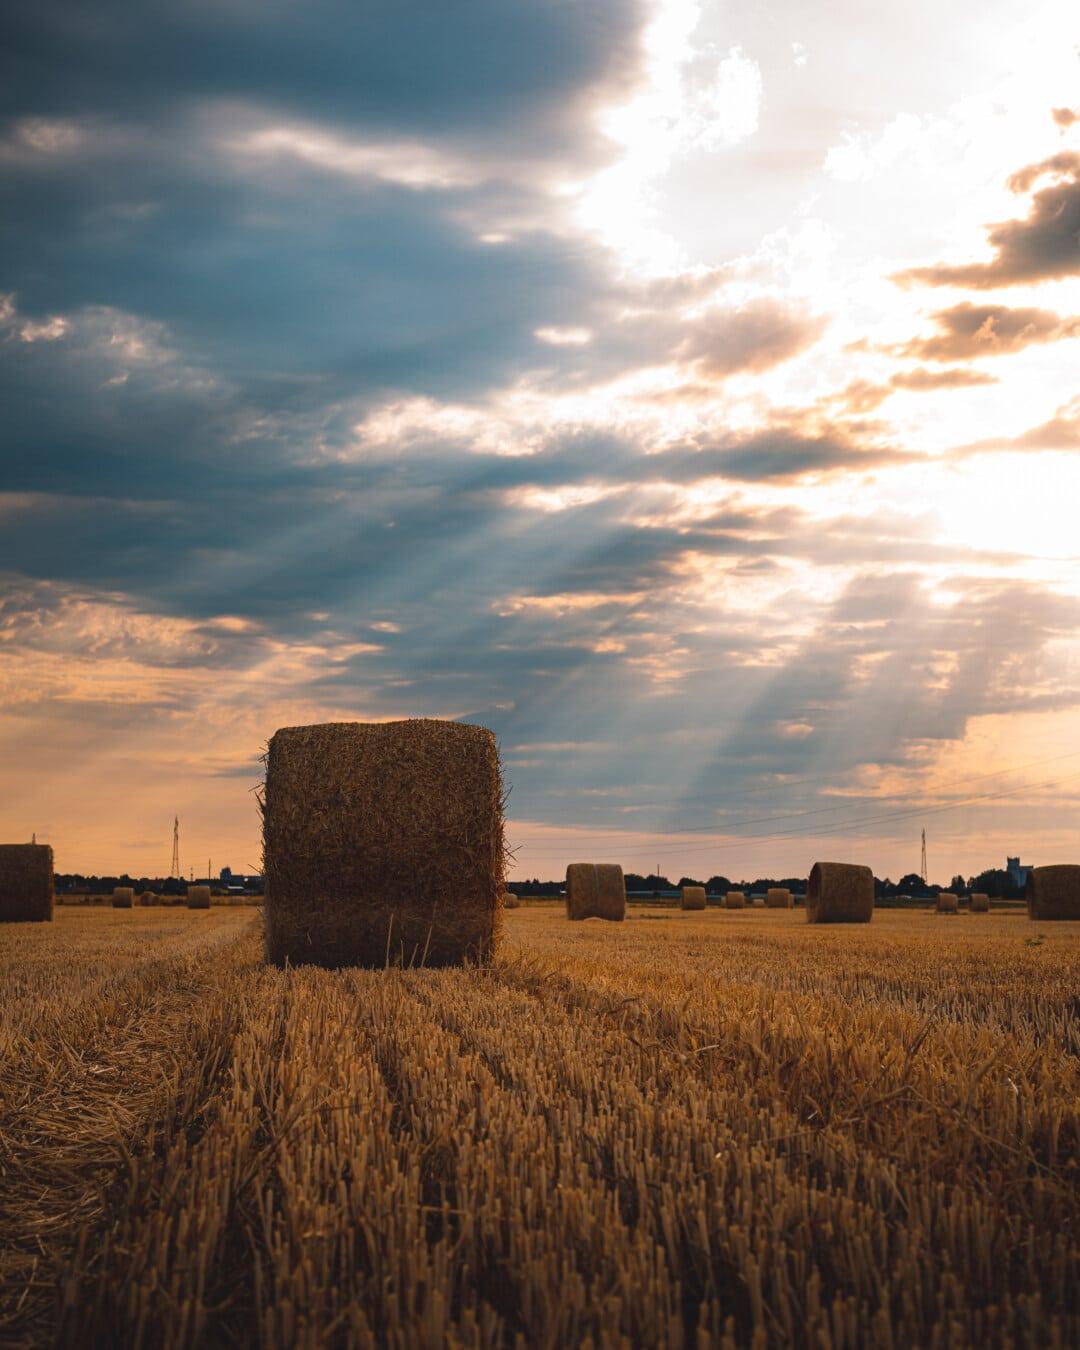 sonnig, Sonne, Sonnenlicht, Sonnenstrahlen, Hay, Heuhaufen, Heuernte, des ländlichen Raums, Feld, Feed